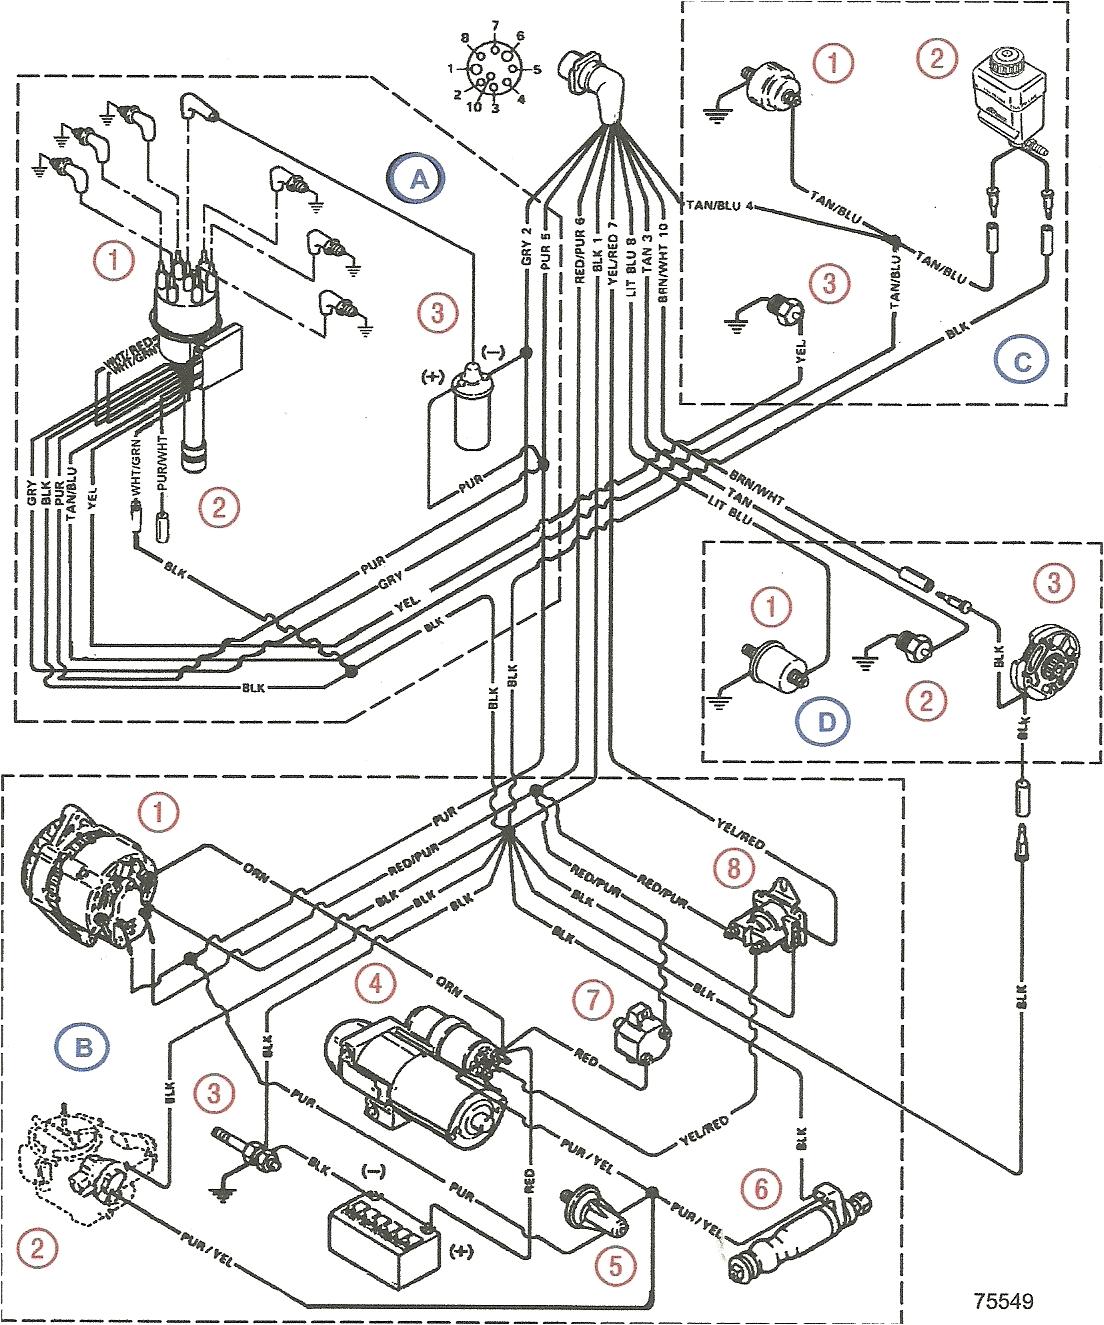 mercruiser 4 3 wiring diagram elegant 4 3 vortec wiring diagram new wiring diagram od rv park